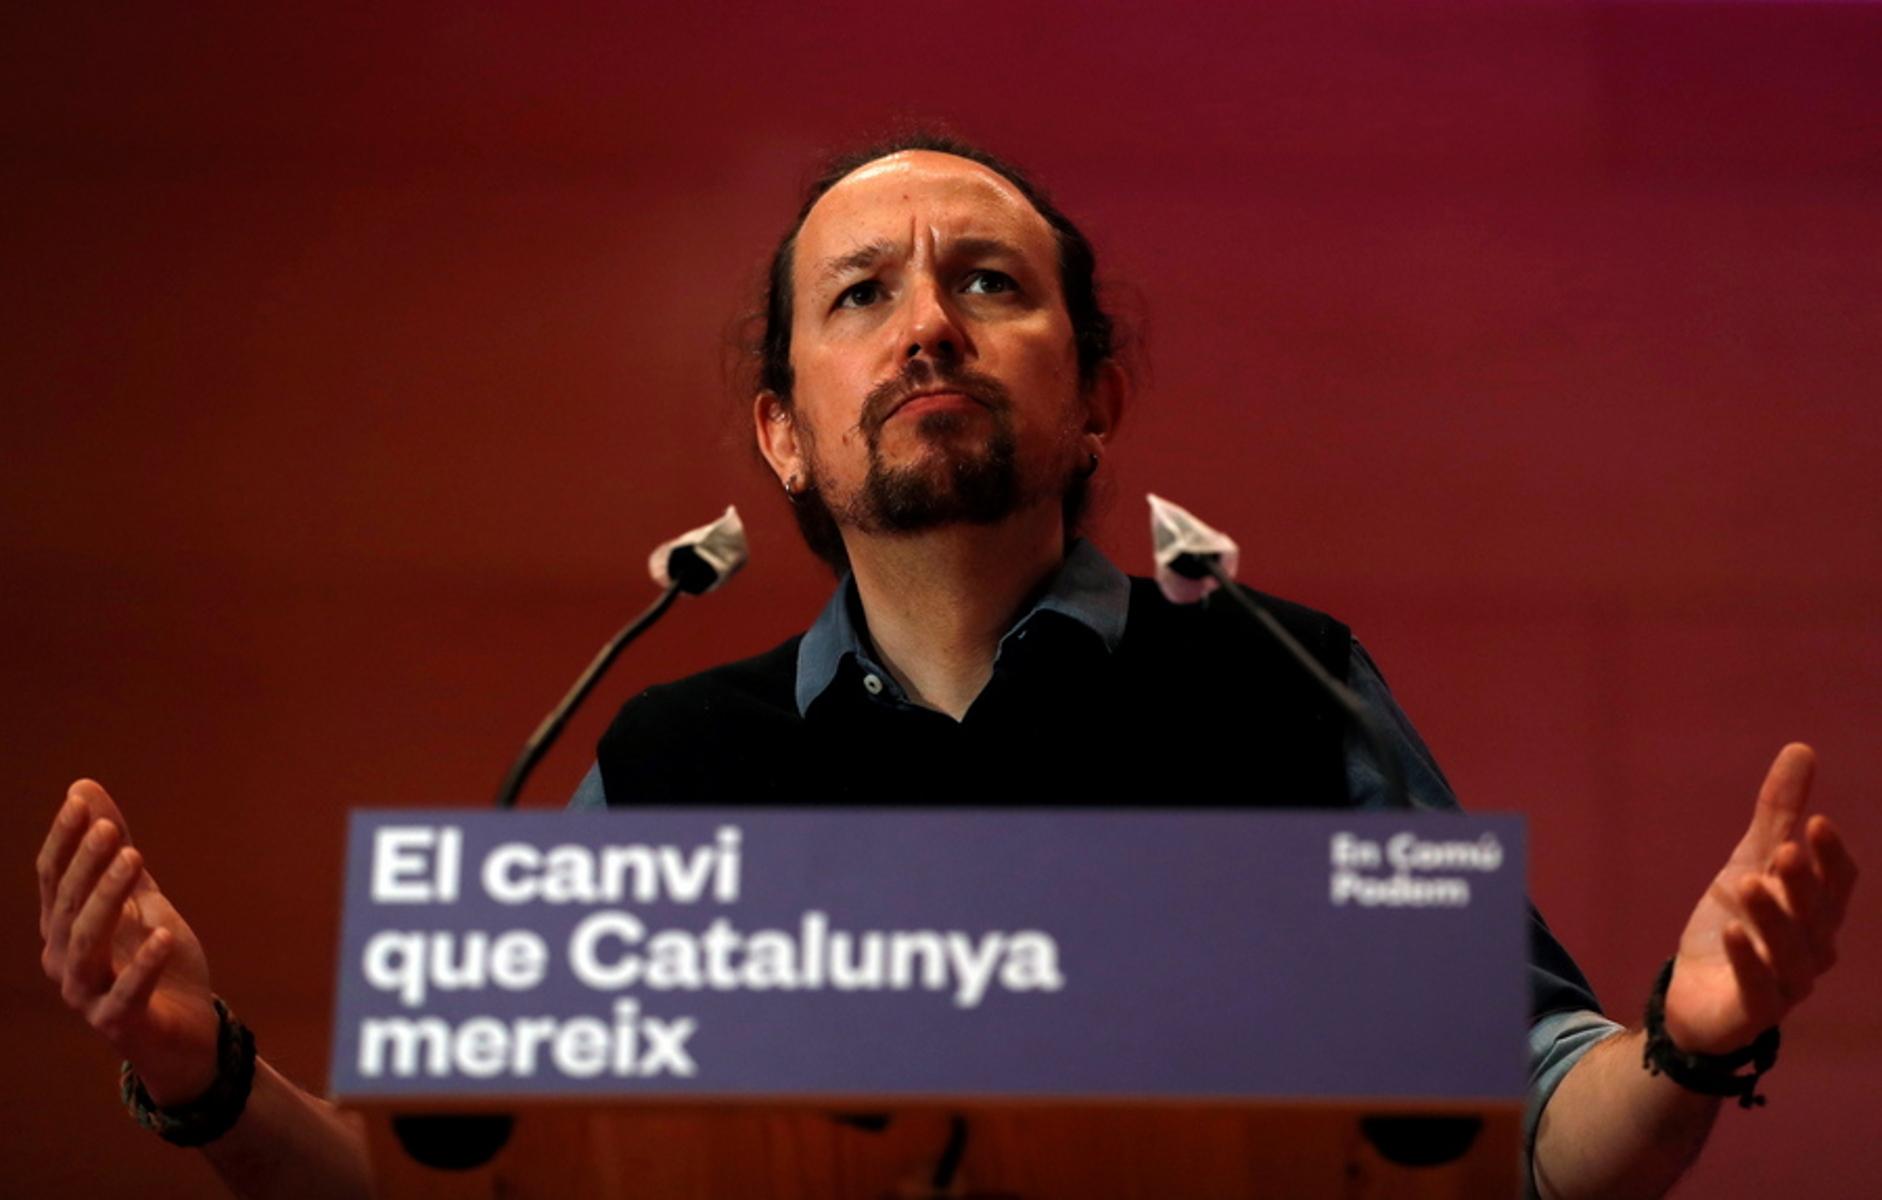 Ισπανία: «Βόμβα» από τον Πάμπλο Ιγκλέσιας – Ανακοίνωσε ότι αποχωρεί από την κυβέρνηση